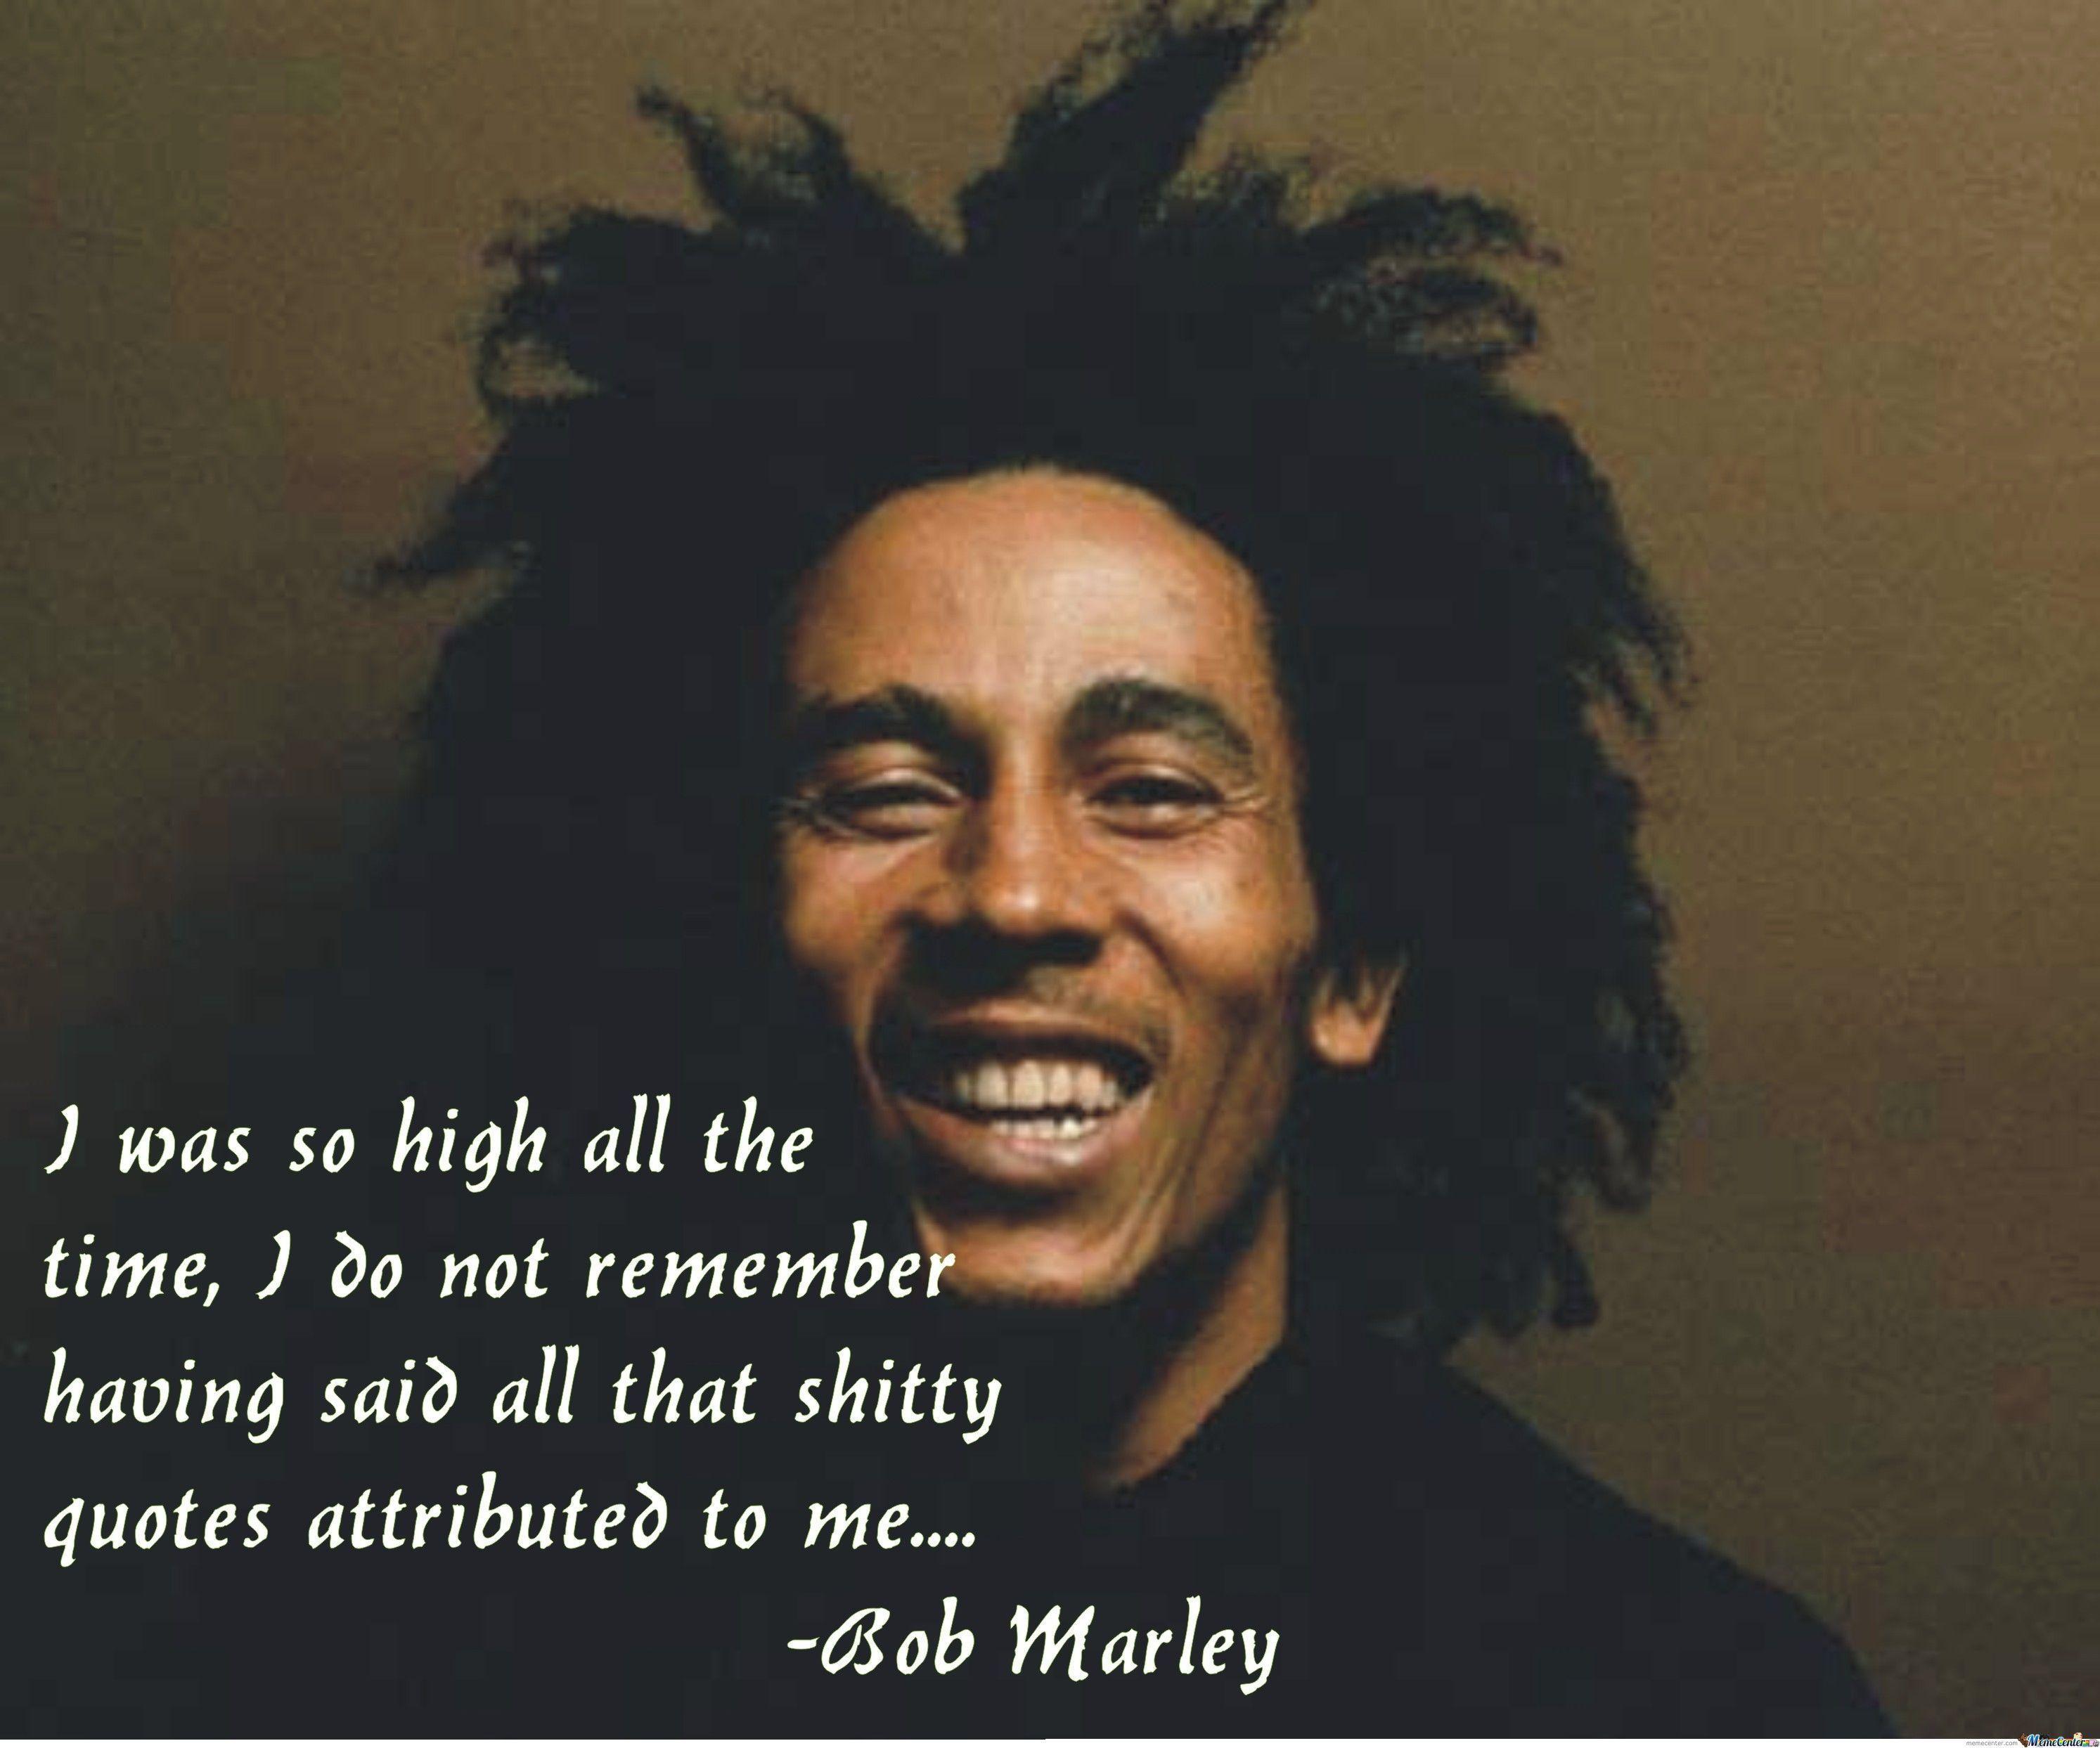 Bob Marley High Quotes High Quotes Bob Marley Quotes Bob Marley